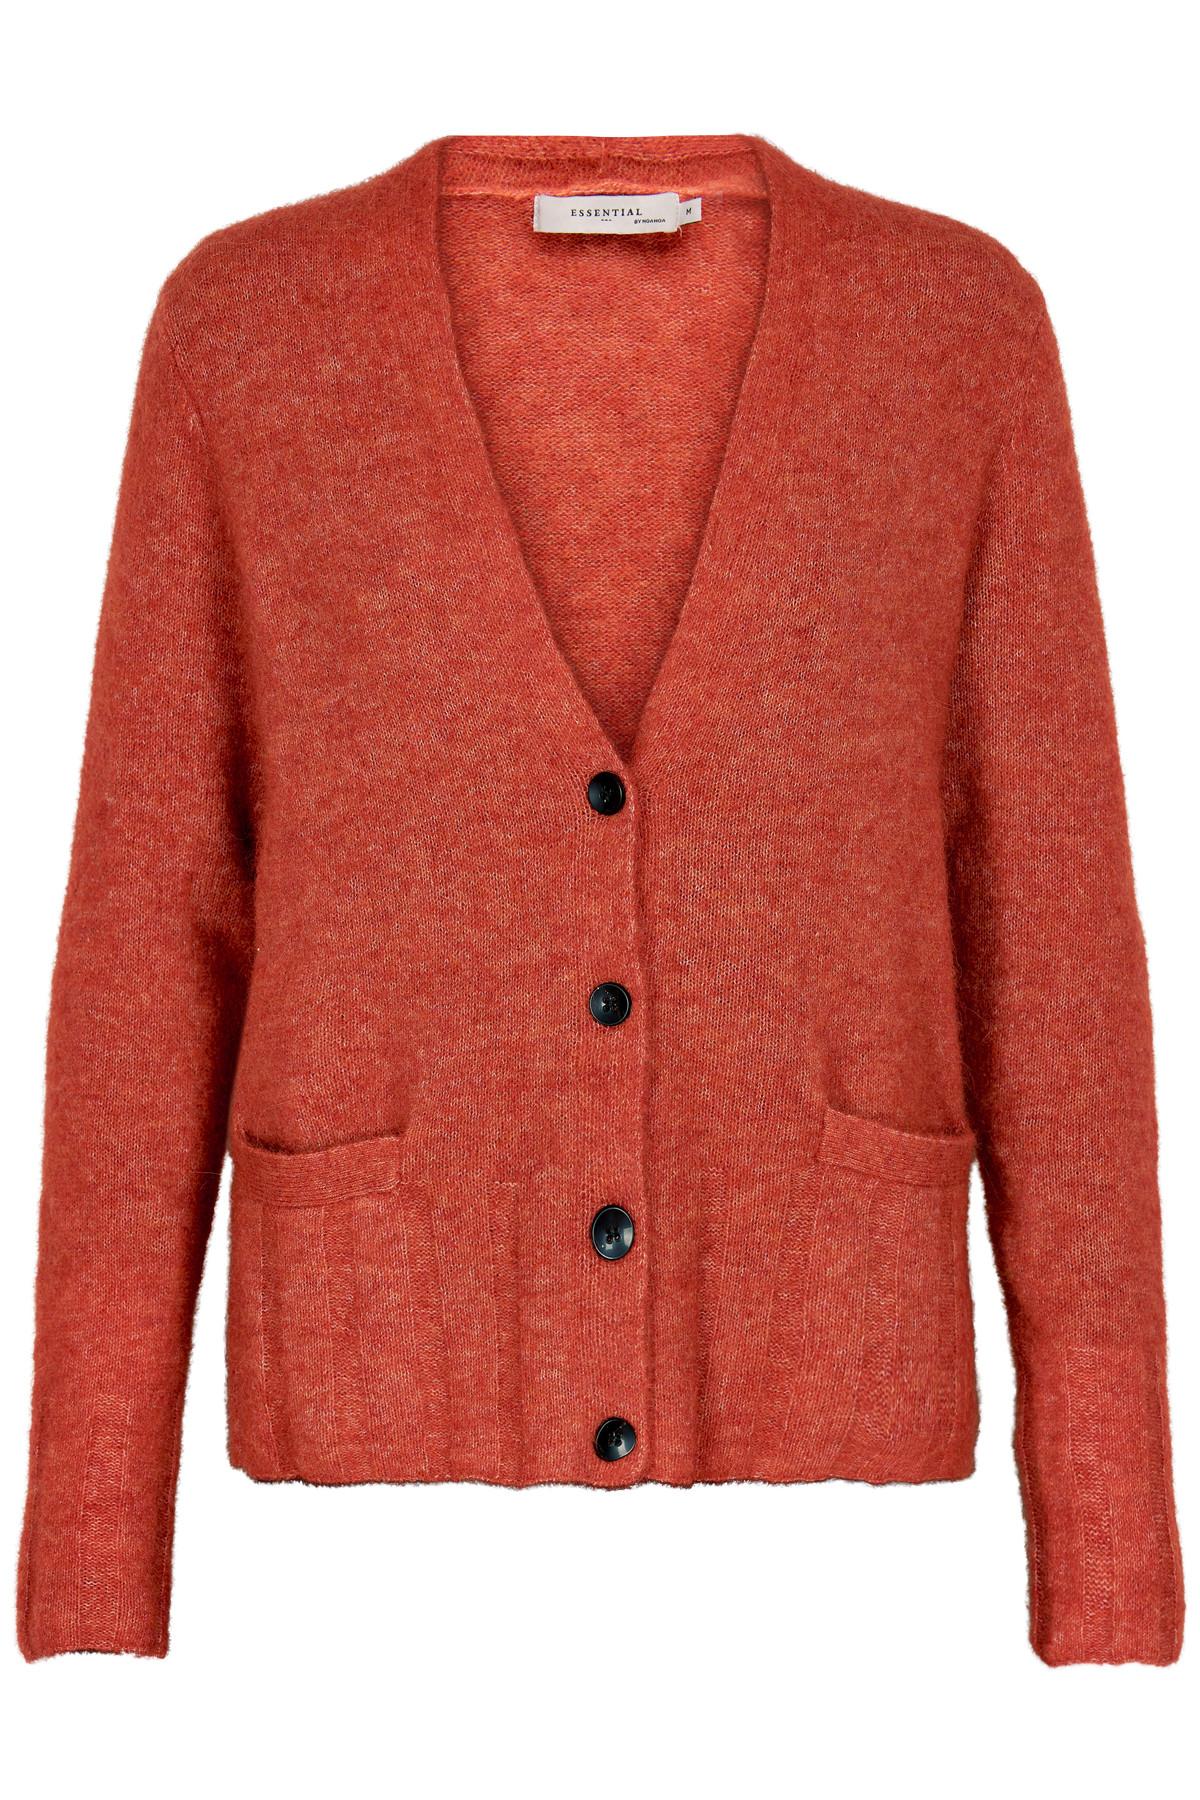 Image of   NOA NOA CARDIGAN 1-8998-2 01068 (Red, XL)